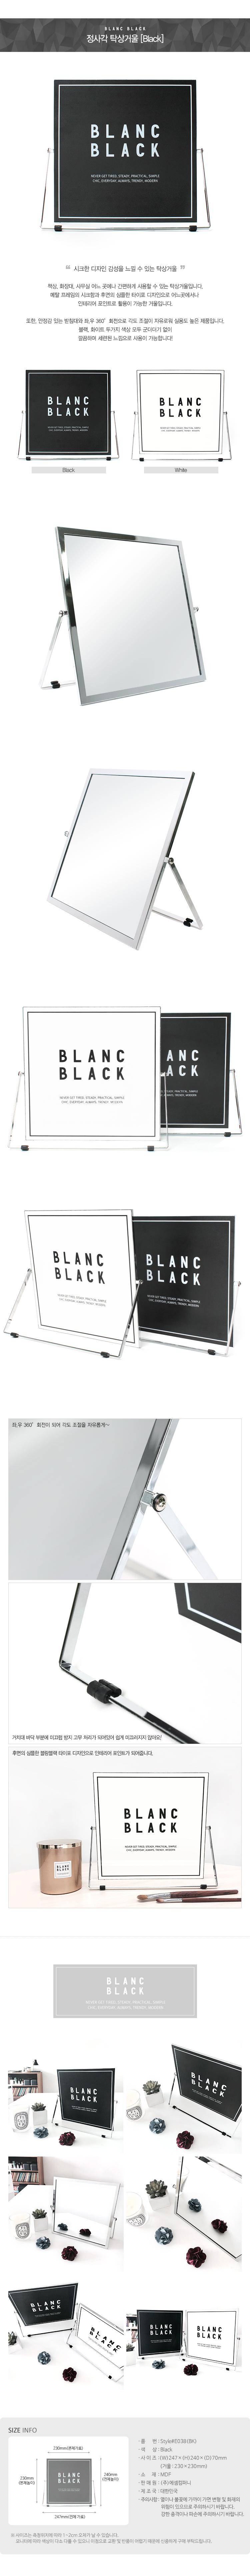 블랑블랙(BLANCBLACK) 정사각 탁상거울